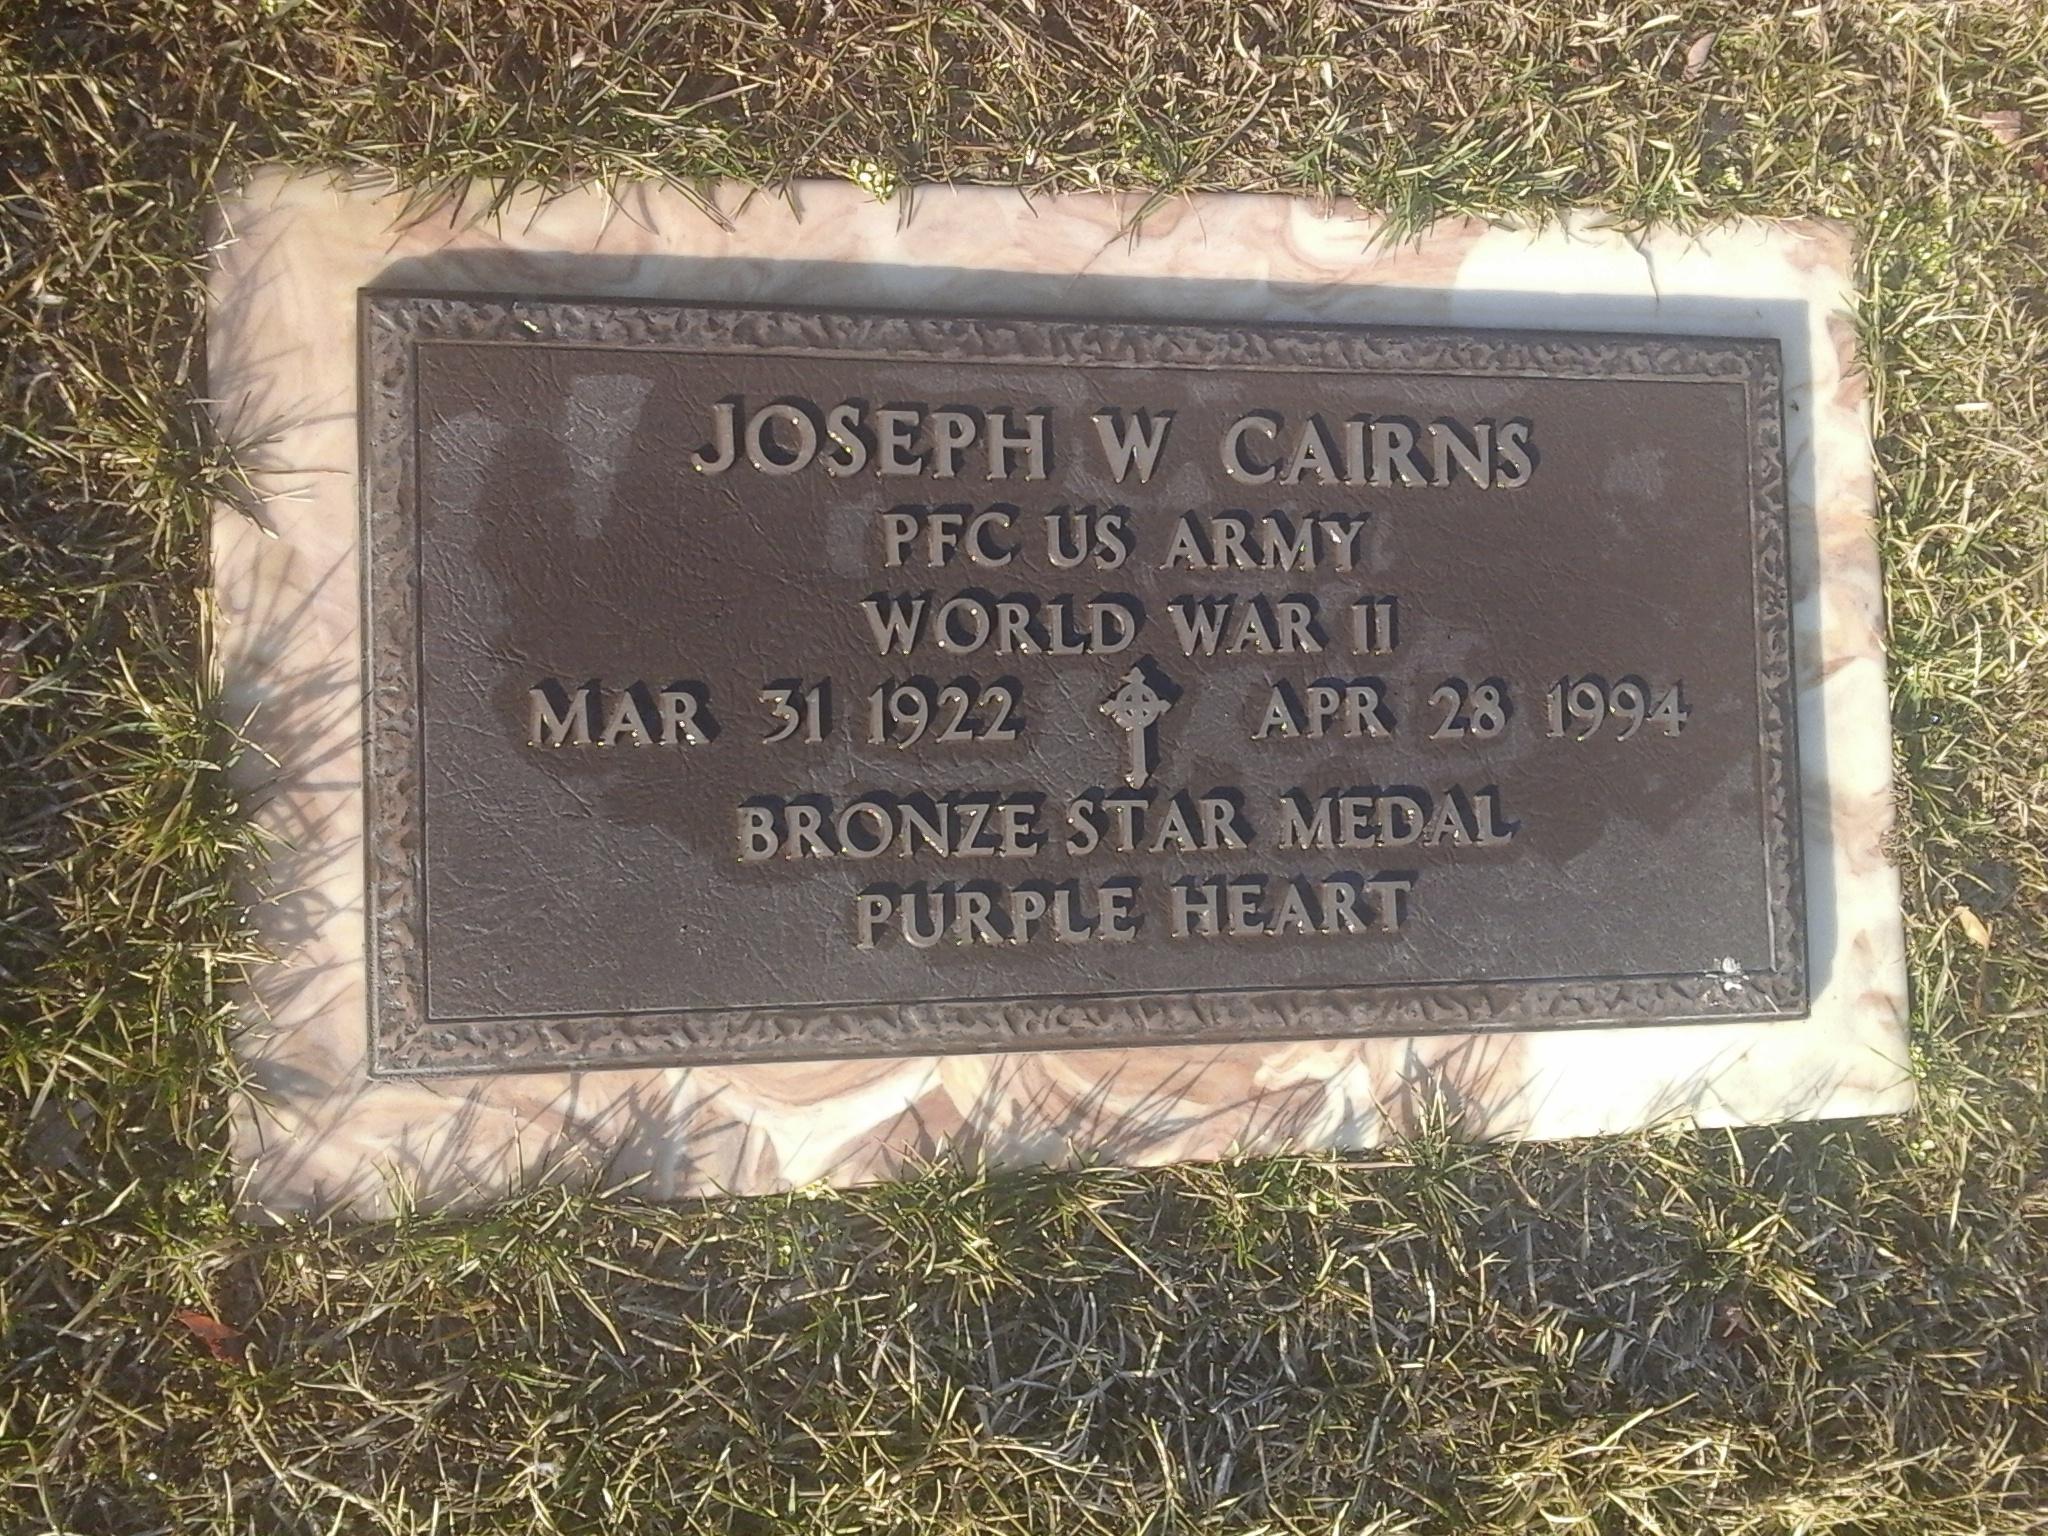 Joseph William Cairns